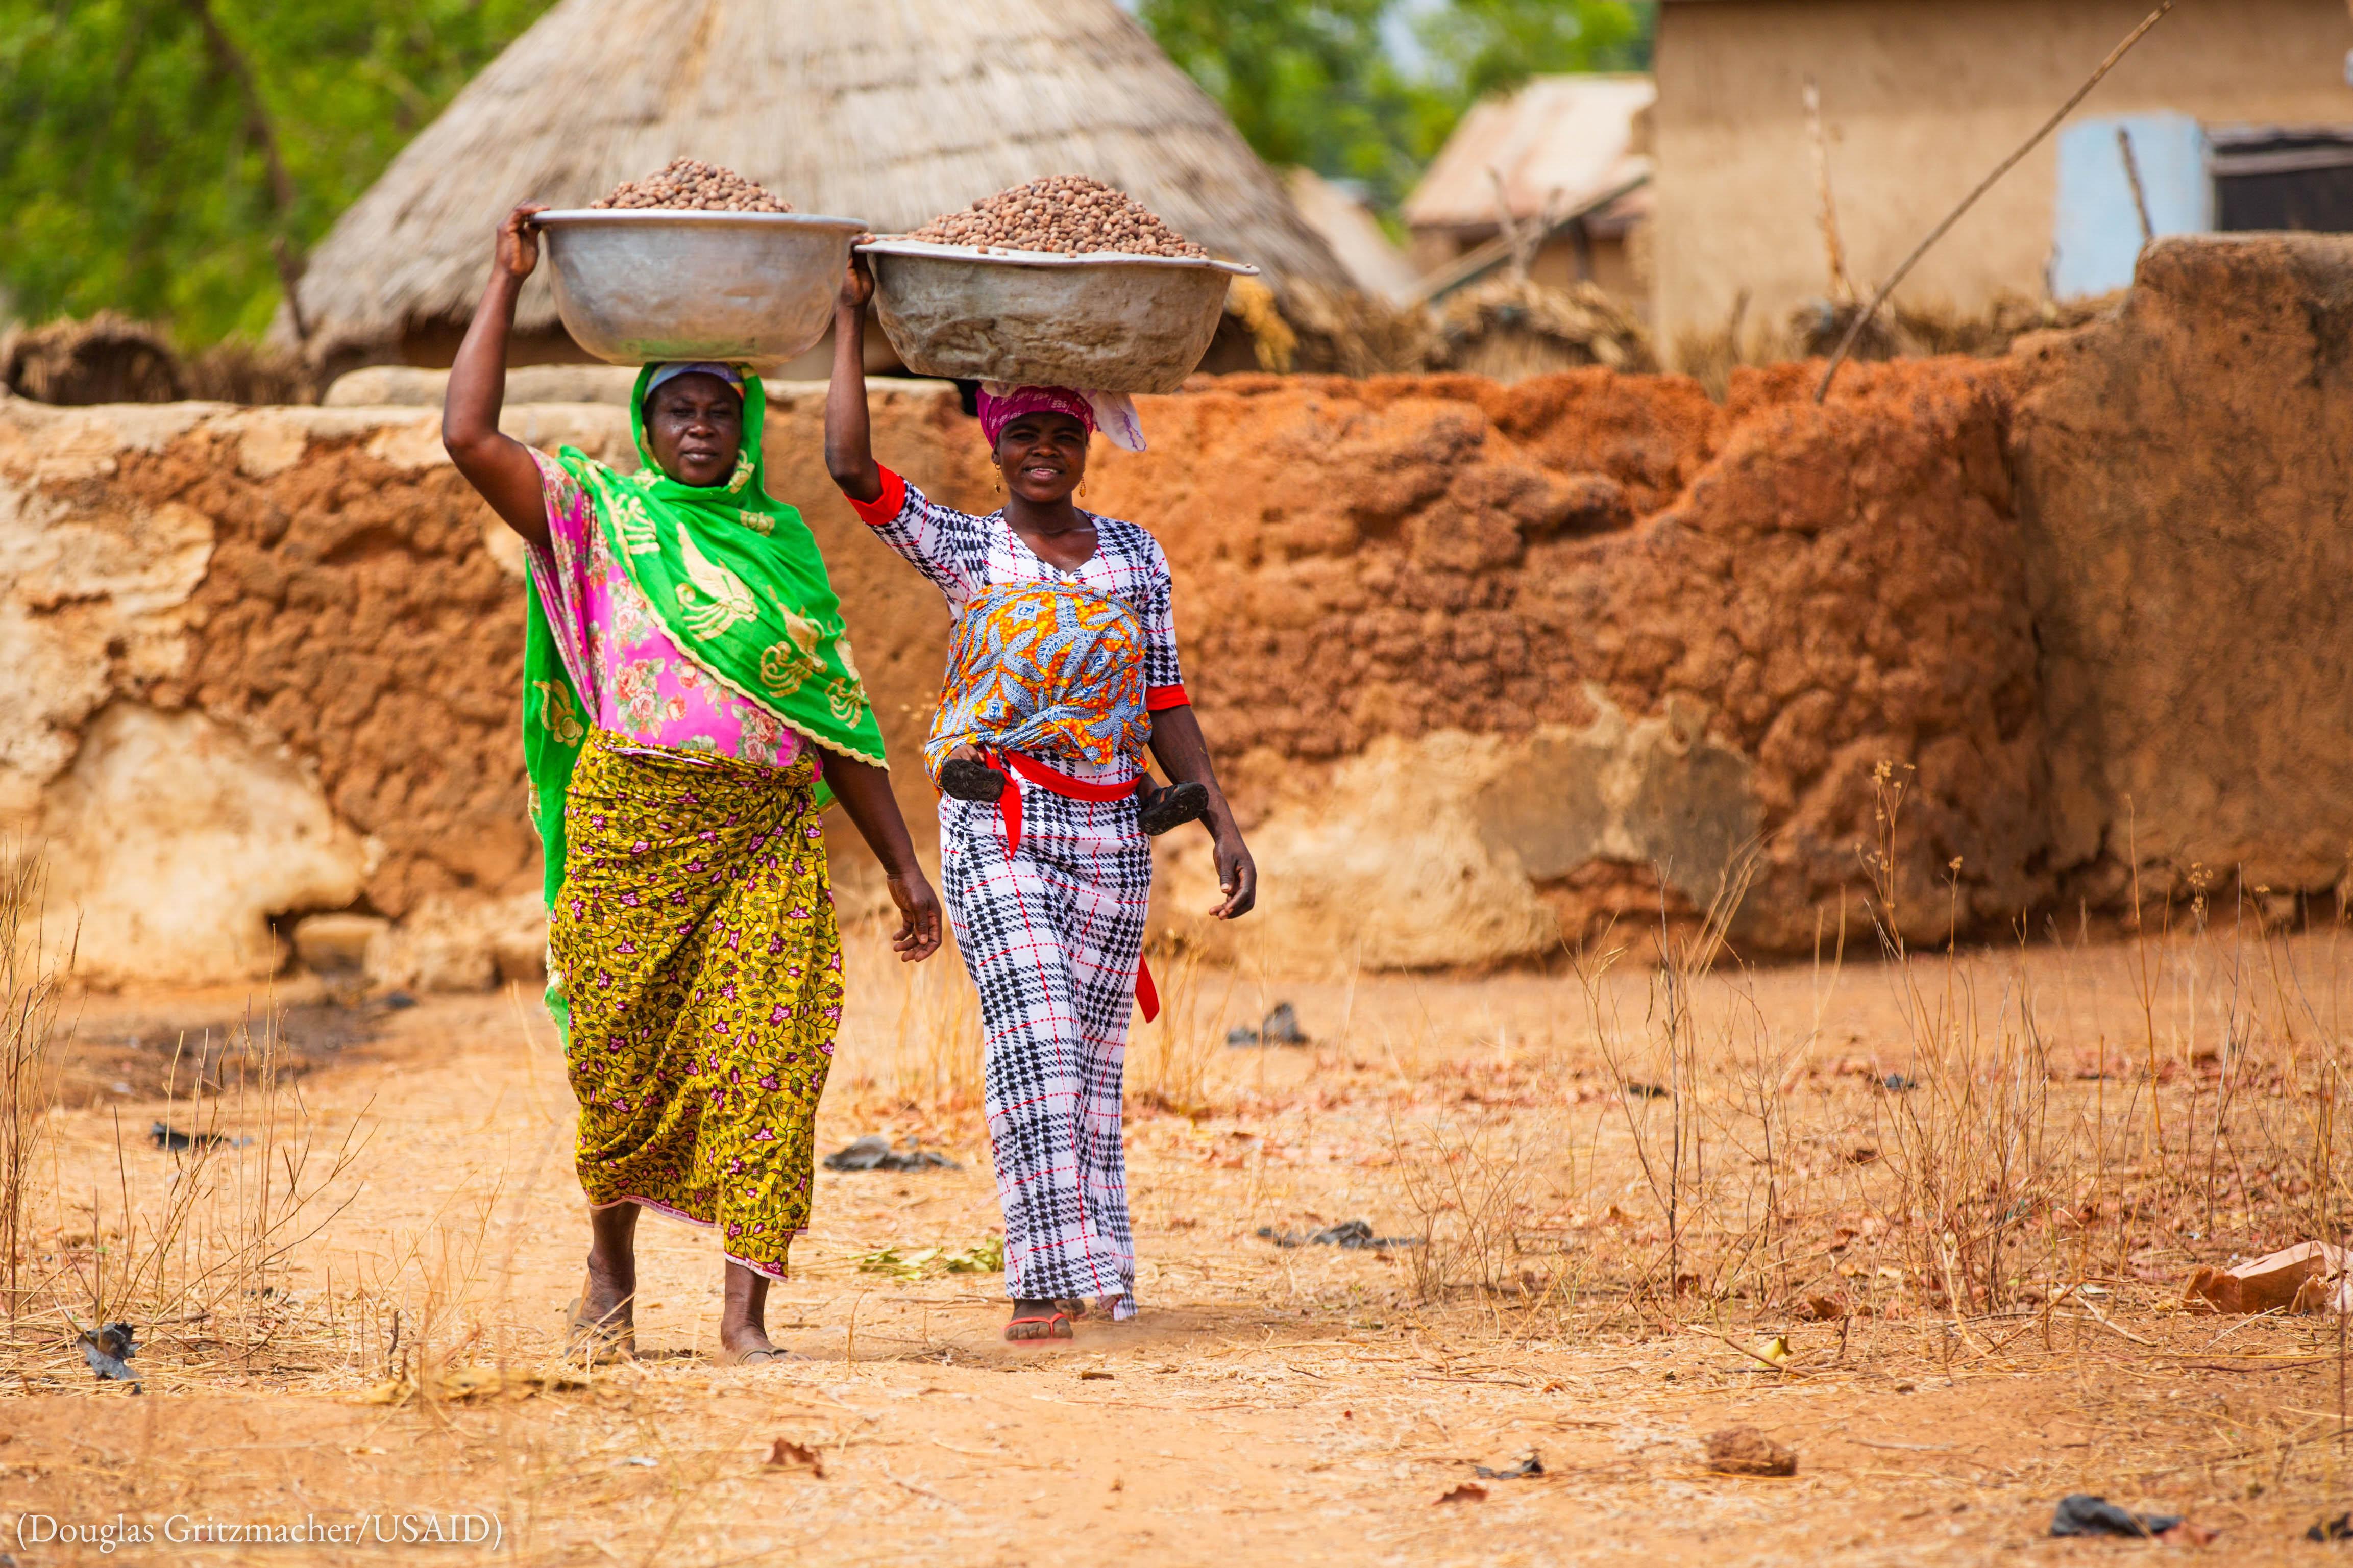 Des femmes transportent des noix vers le lieu où elles seront transformées. (Douglas Gritzmacher/USAID)